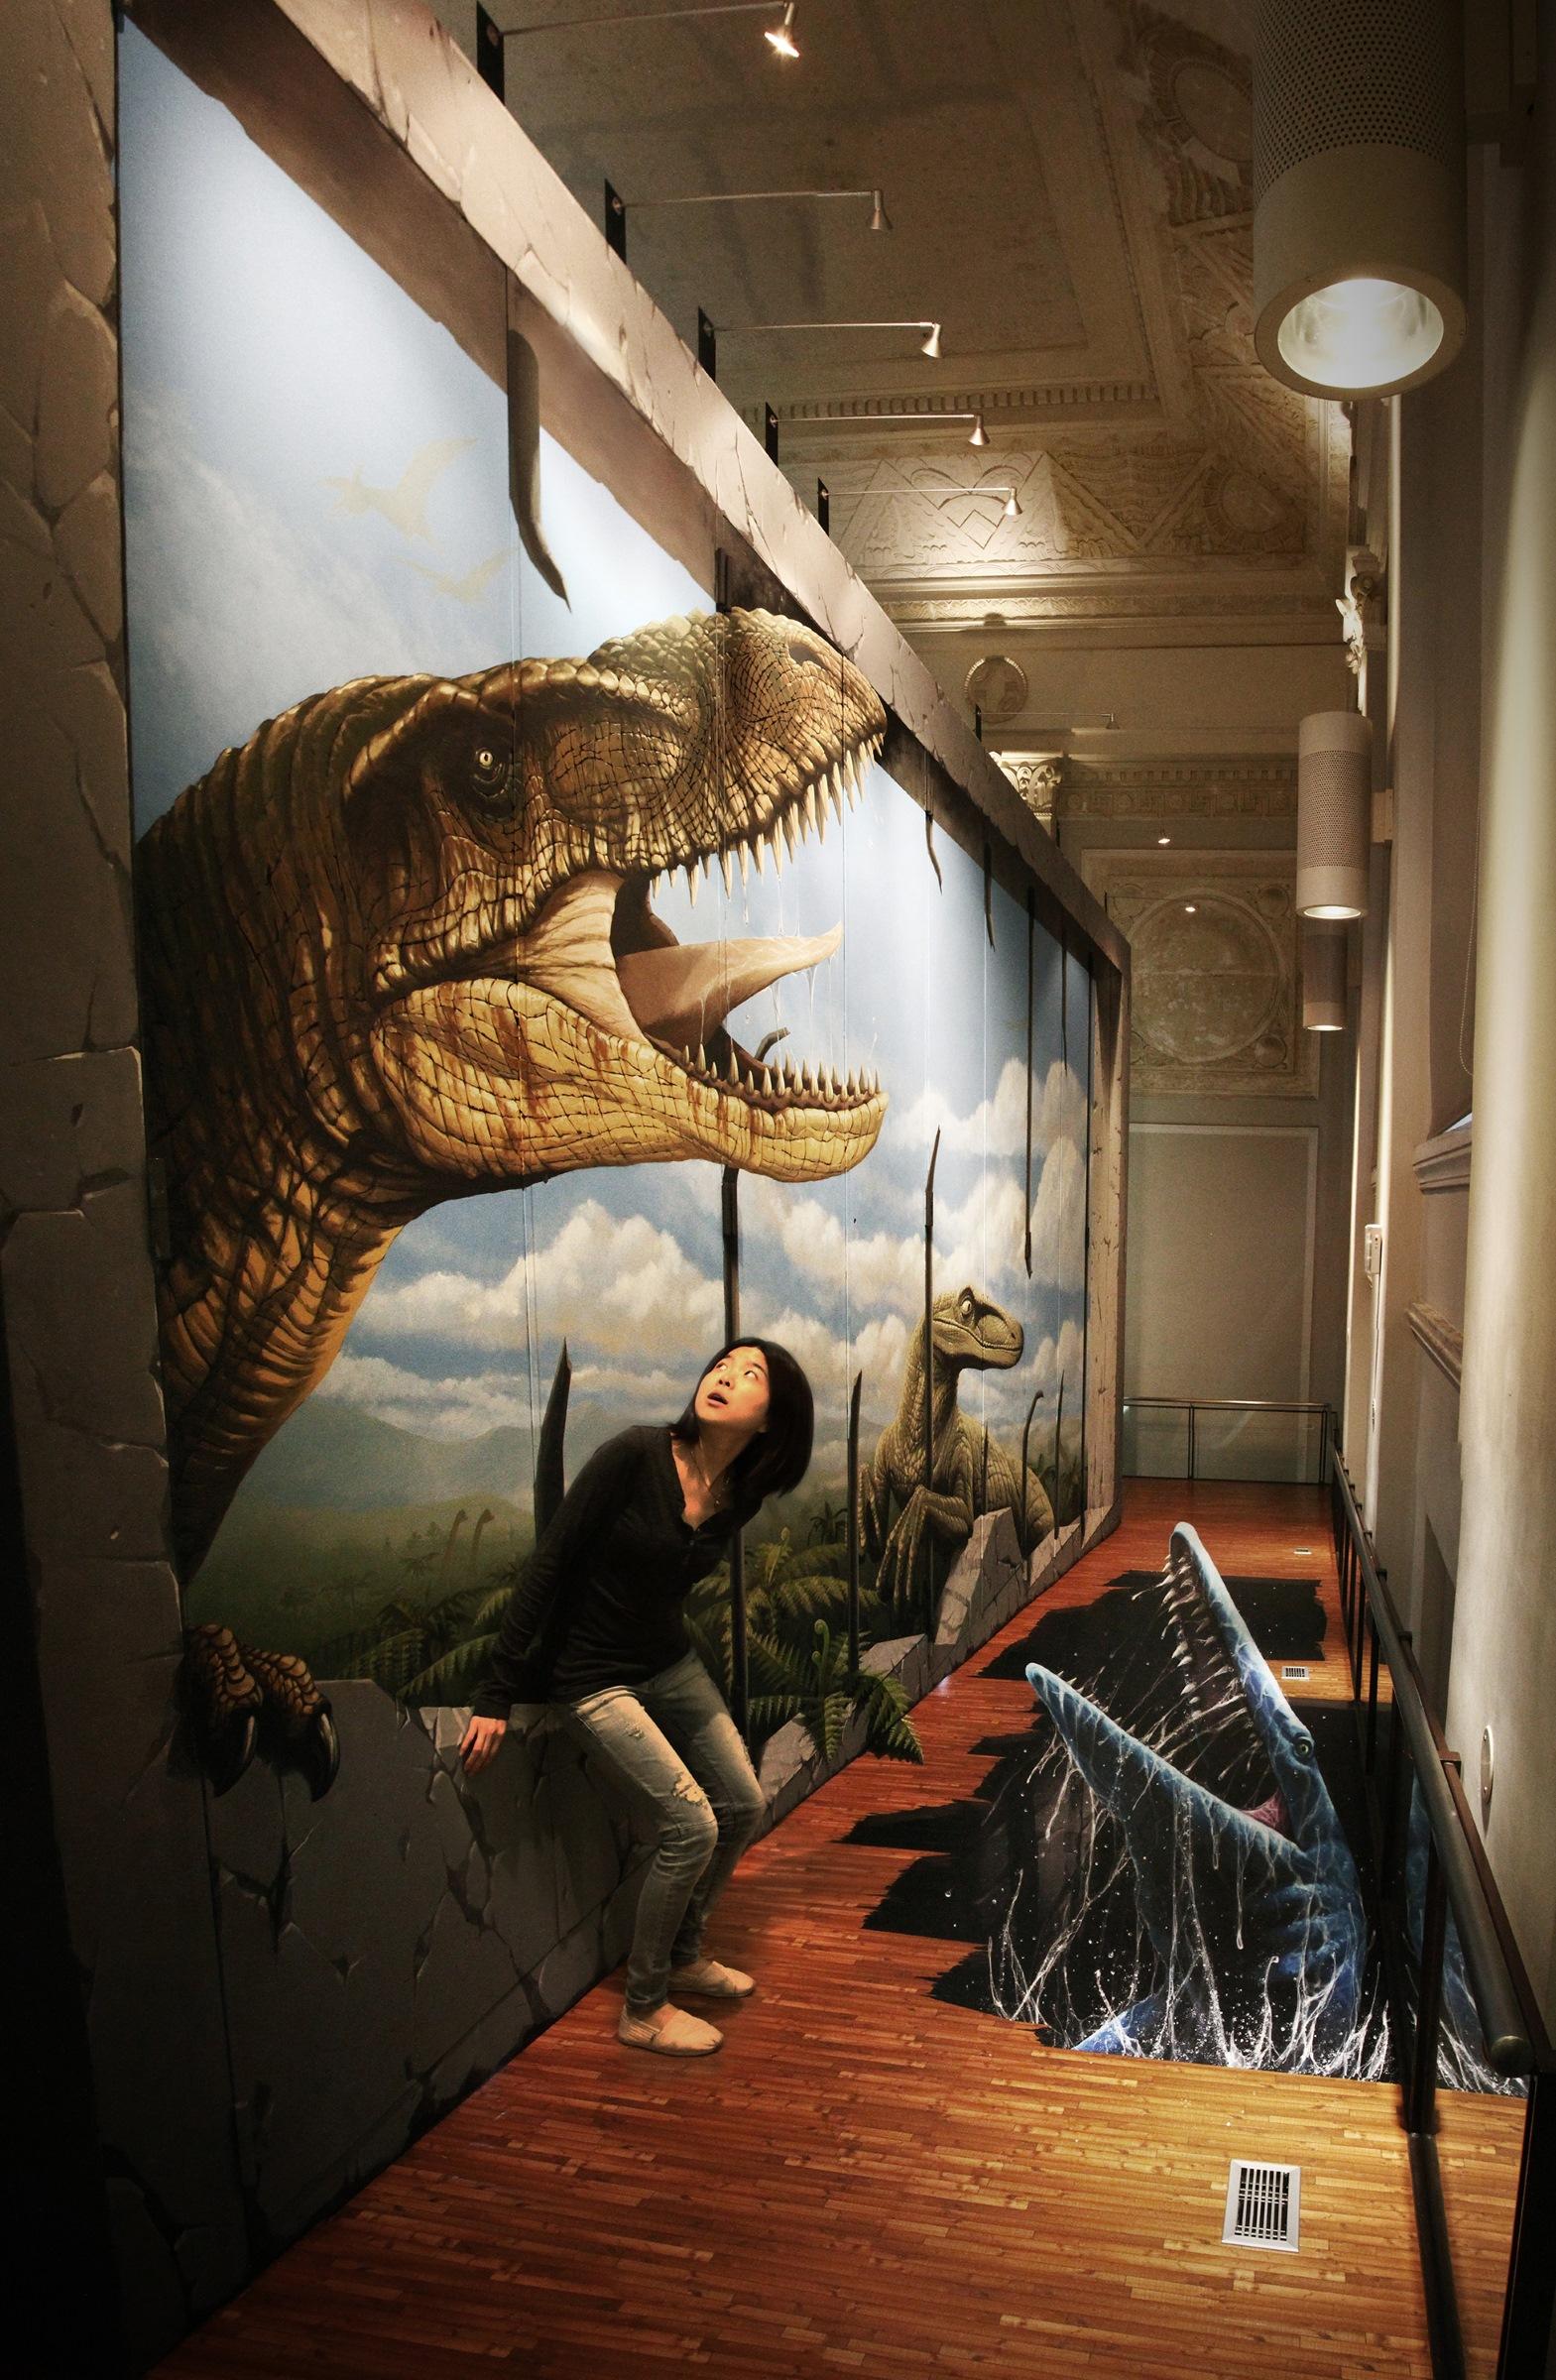 土銀展示館-3D恐竜